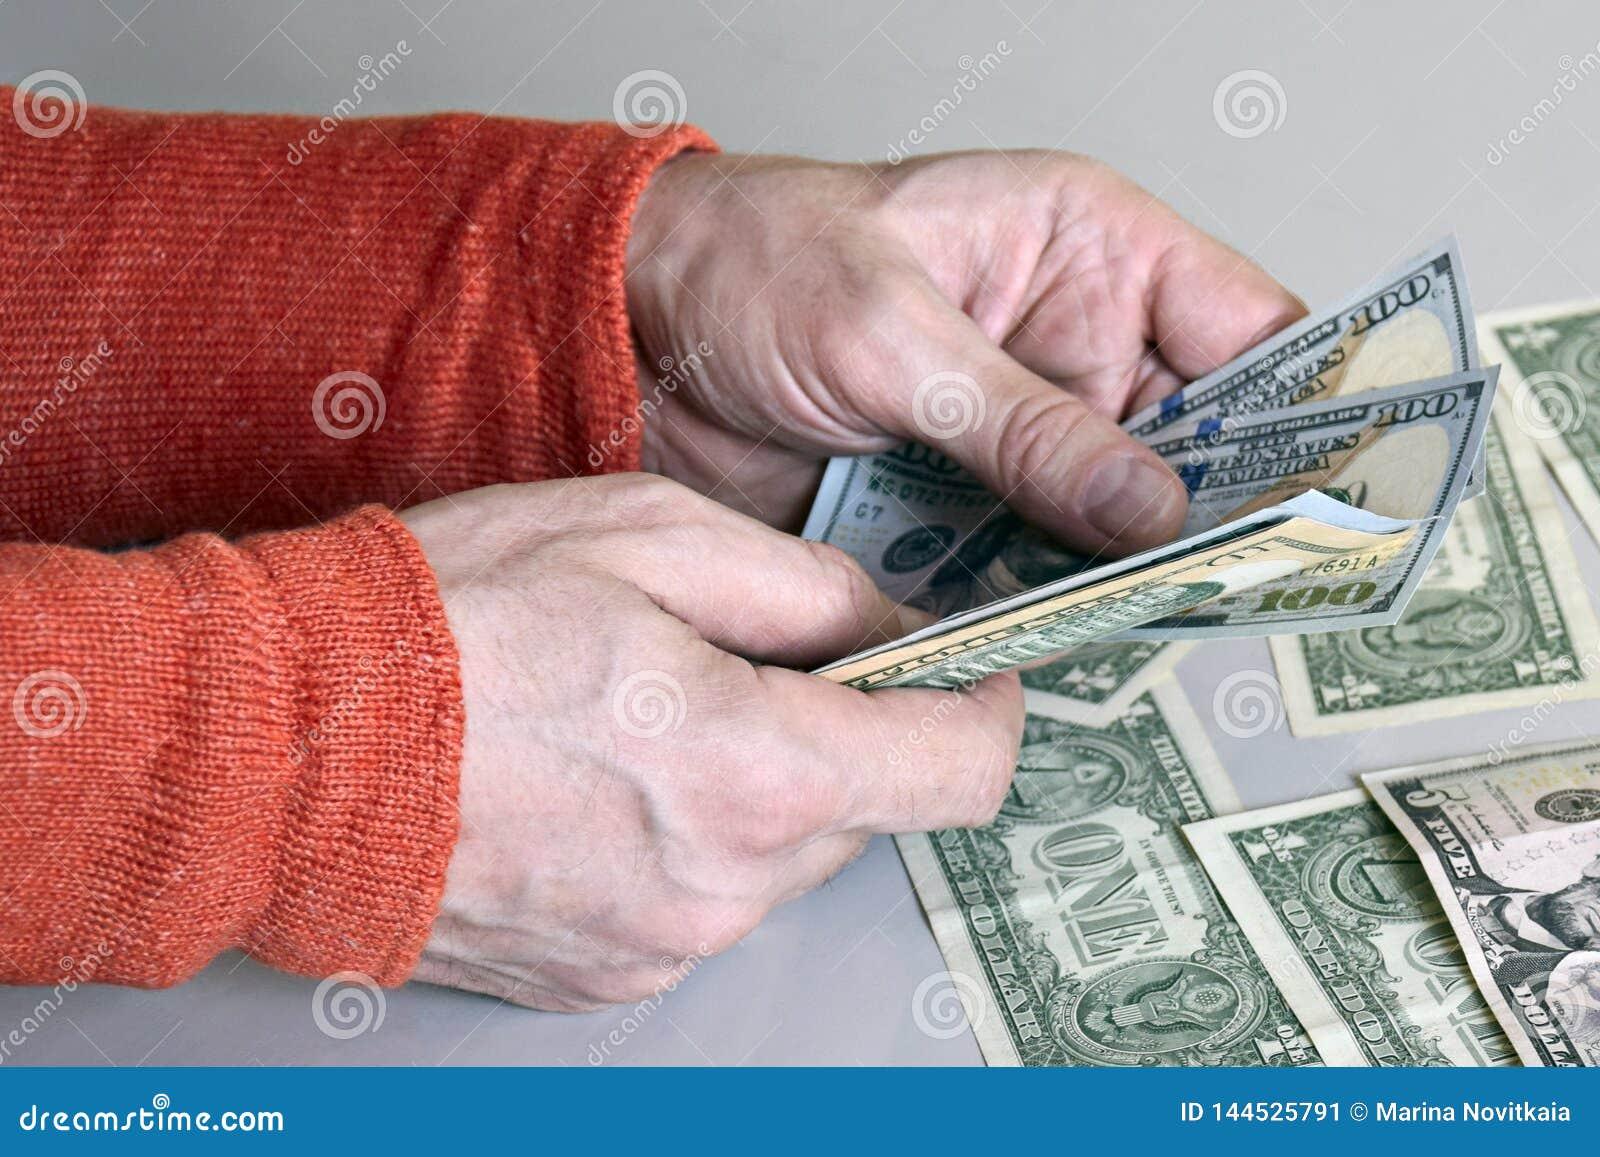 Kaukaskie mężczyzna ręki liczy dolarowych banknoty